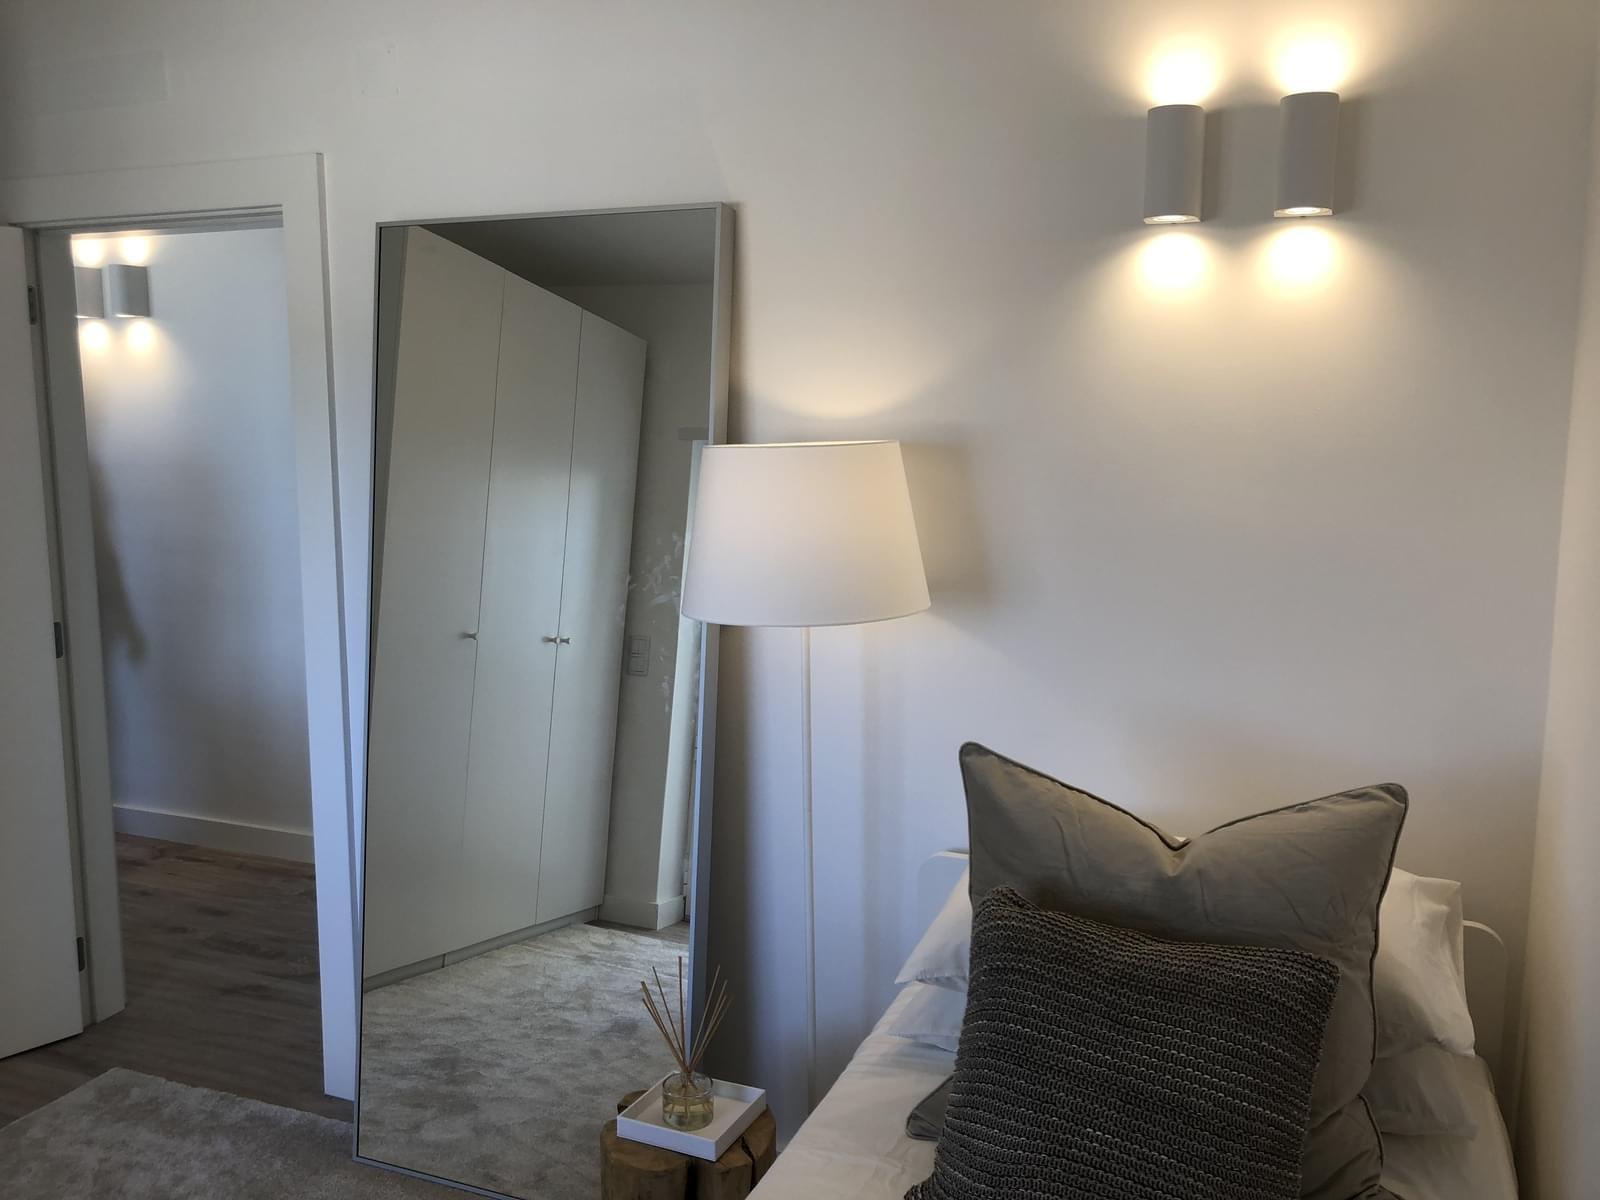 pf17249-apartamento-t2-almada-ef946d00-2601-4625-b776-a4efd4d0094d